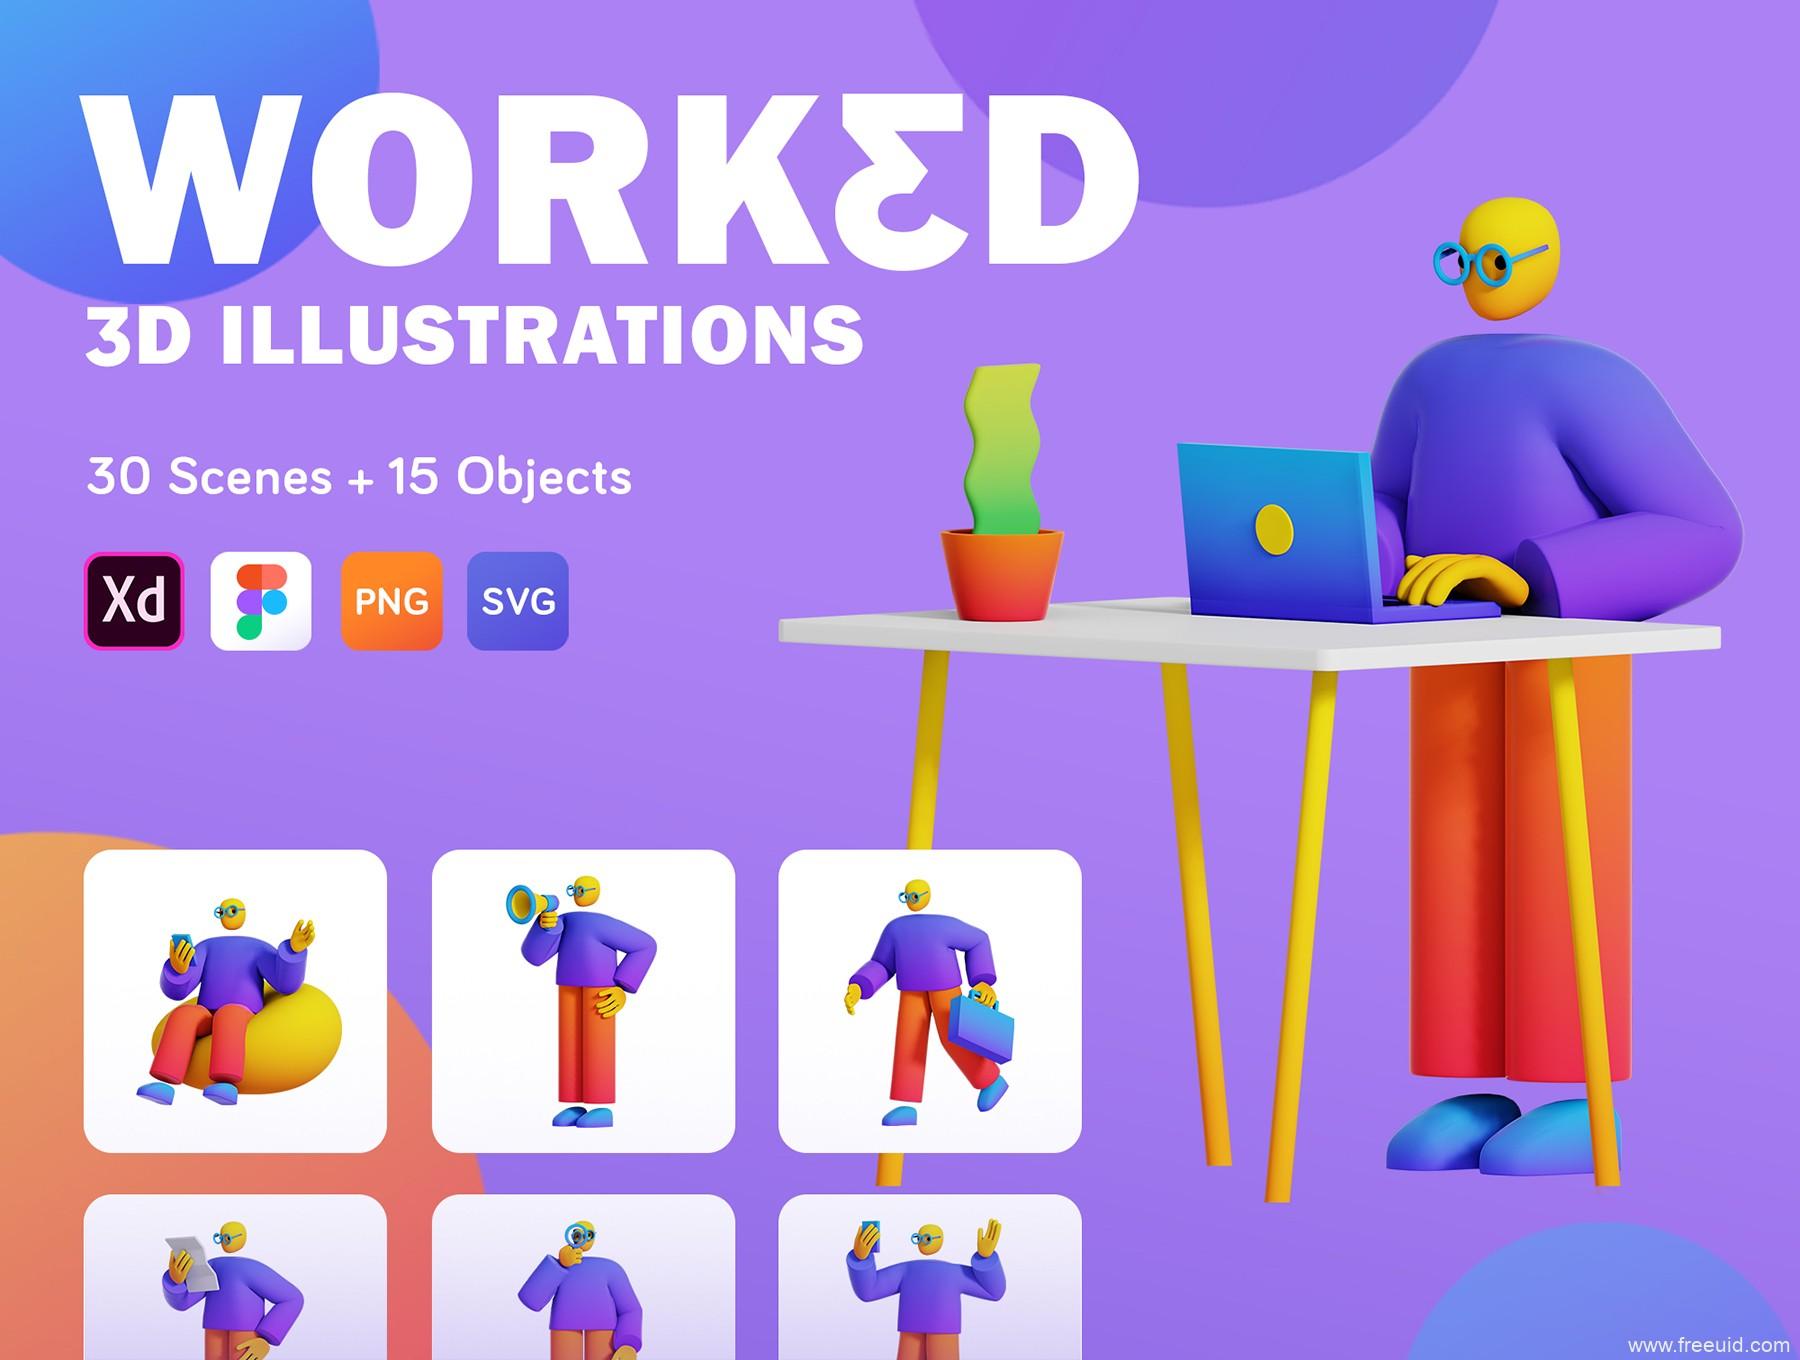 运营人物场景3D插画组件库下载,商务办公/互联网办公场景3D人物插画素材库下载